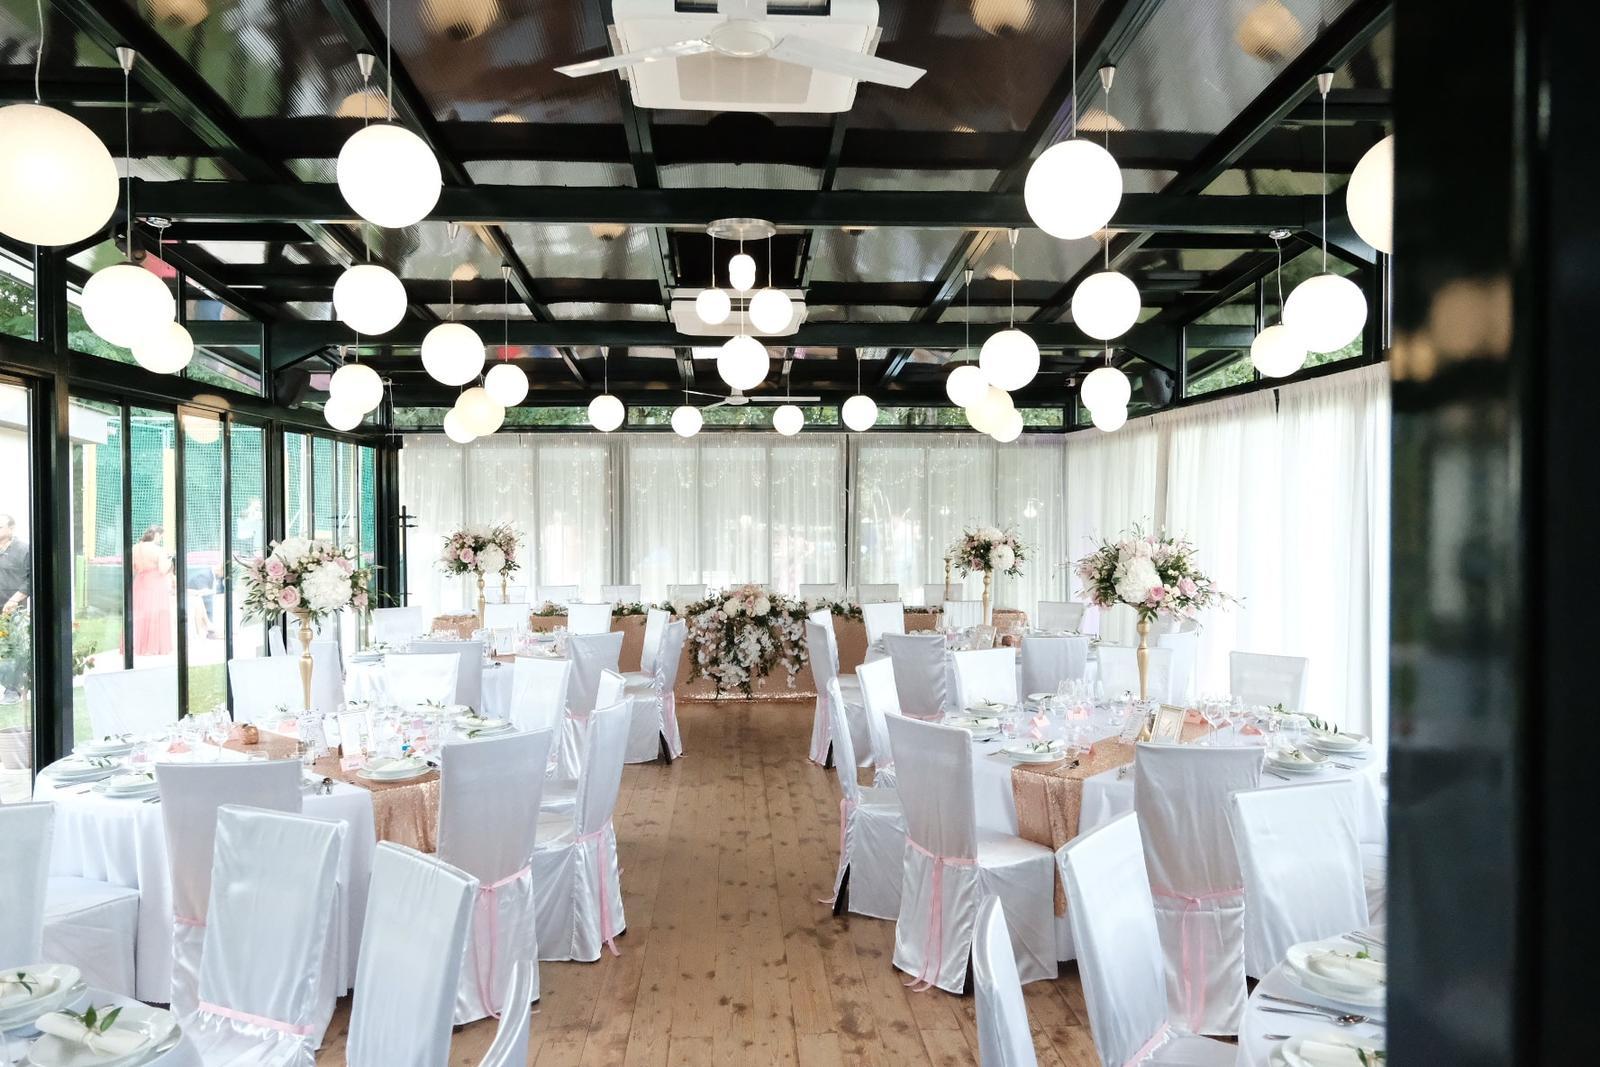 Chiavari & okrúhle stoly na svadbe Nikolet & Erika - TROPIC Šaštín ♥ - Obrázok č. 3